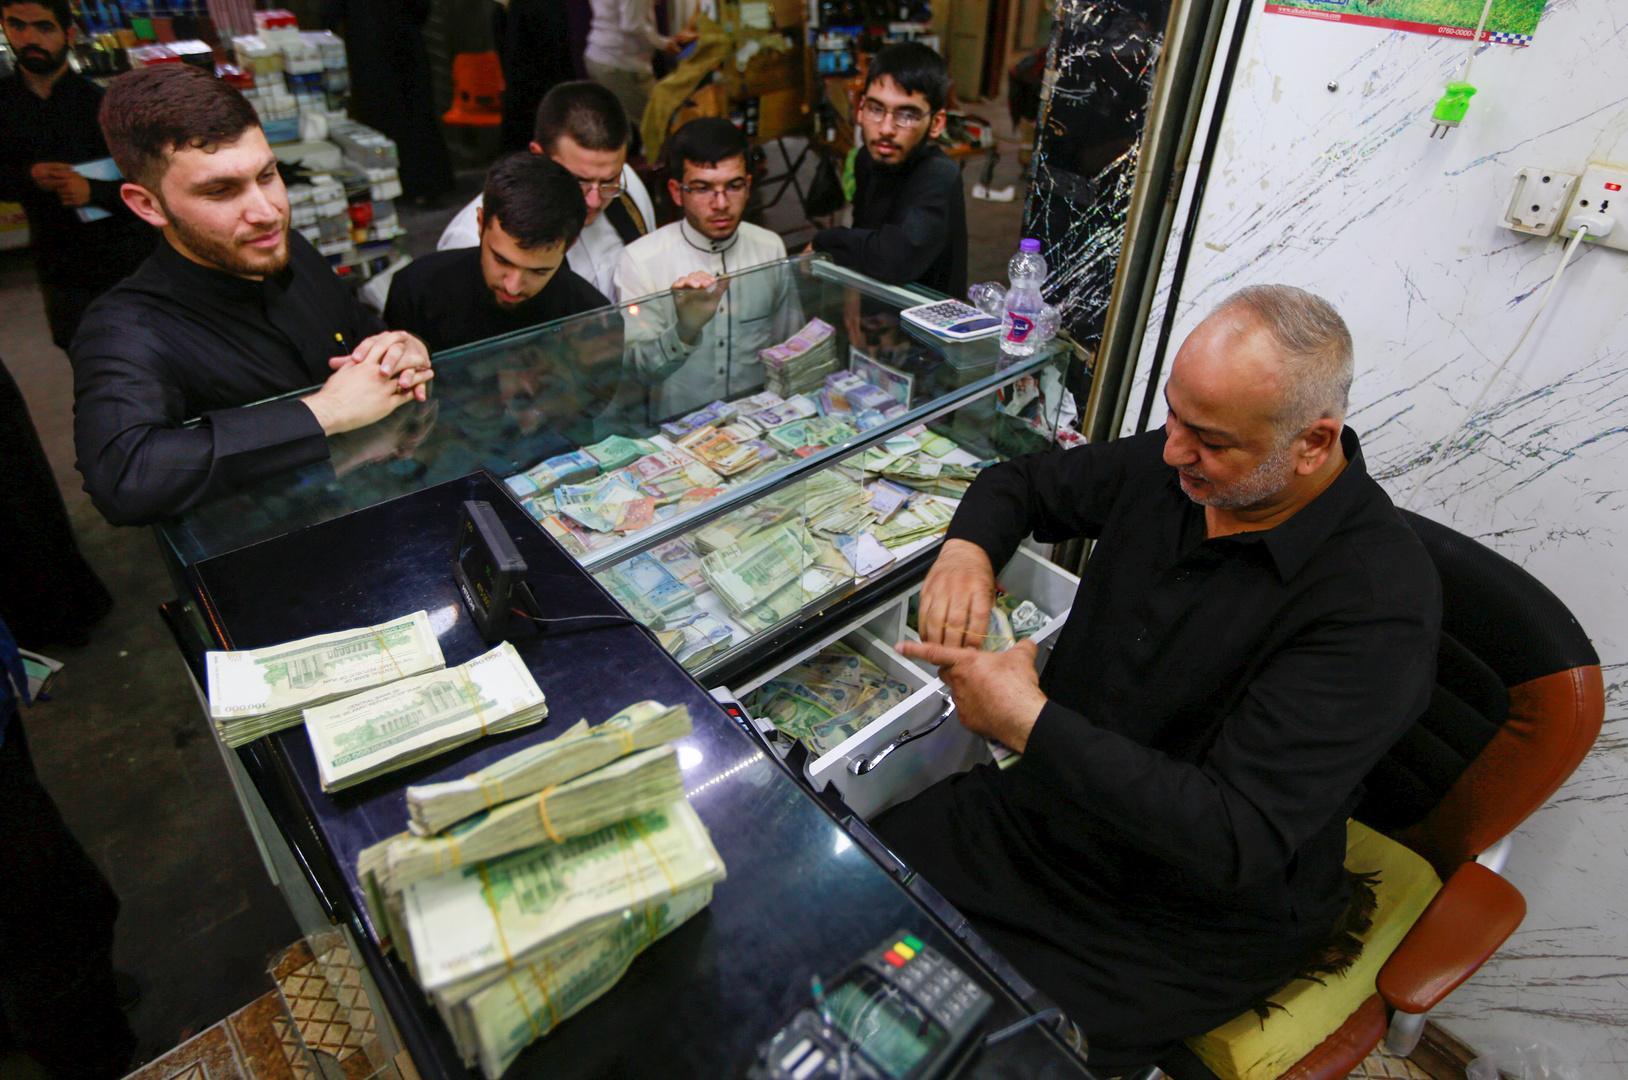 هبوط قياسي جديد للريال والمركزي الإيراني يعلق